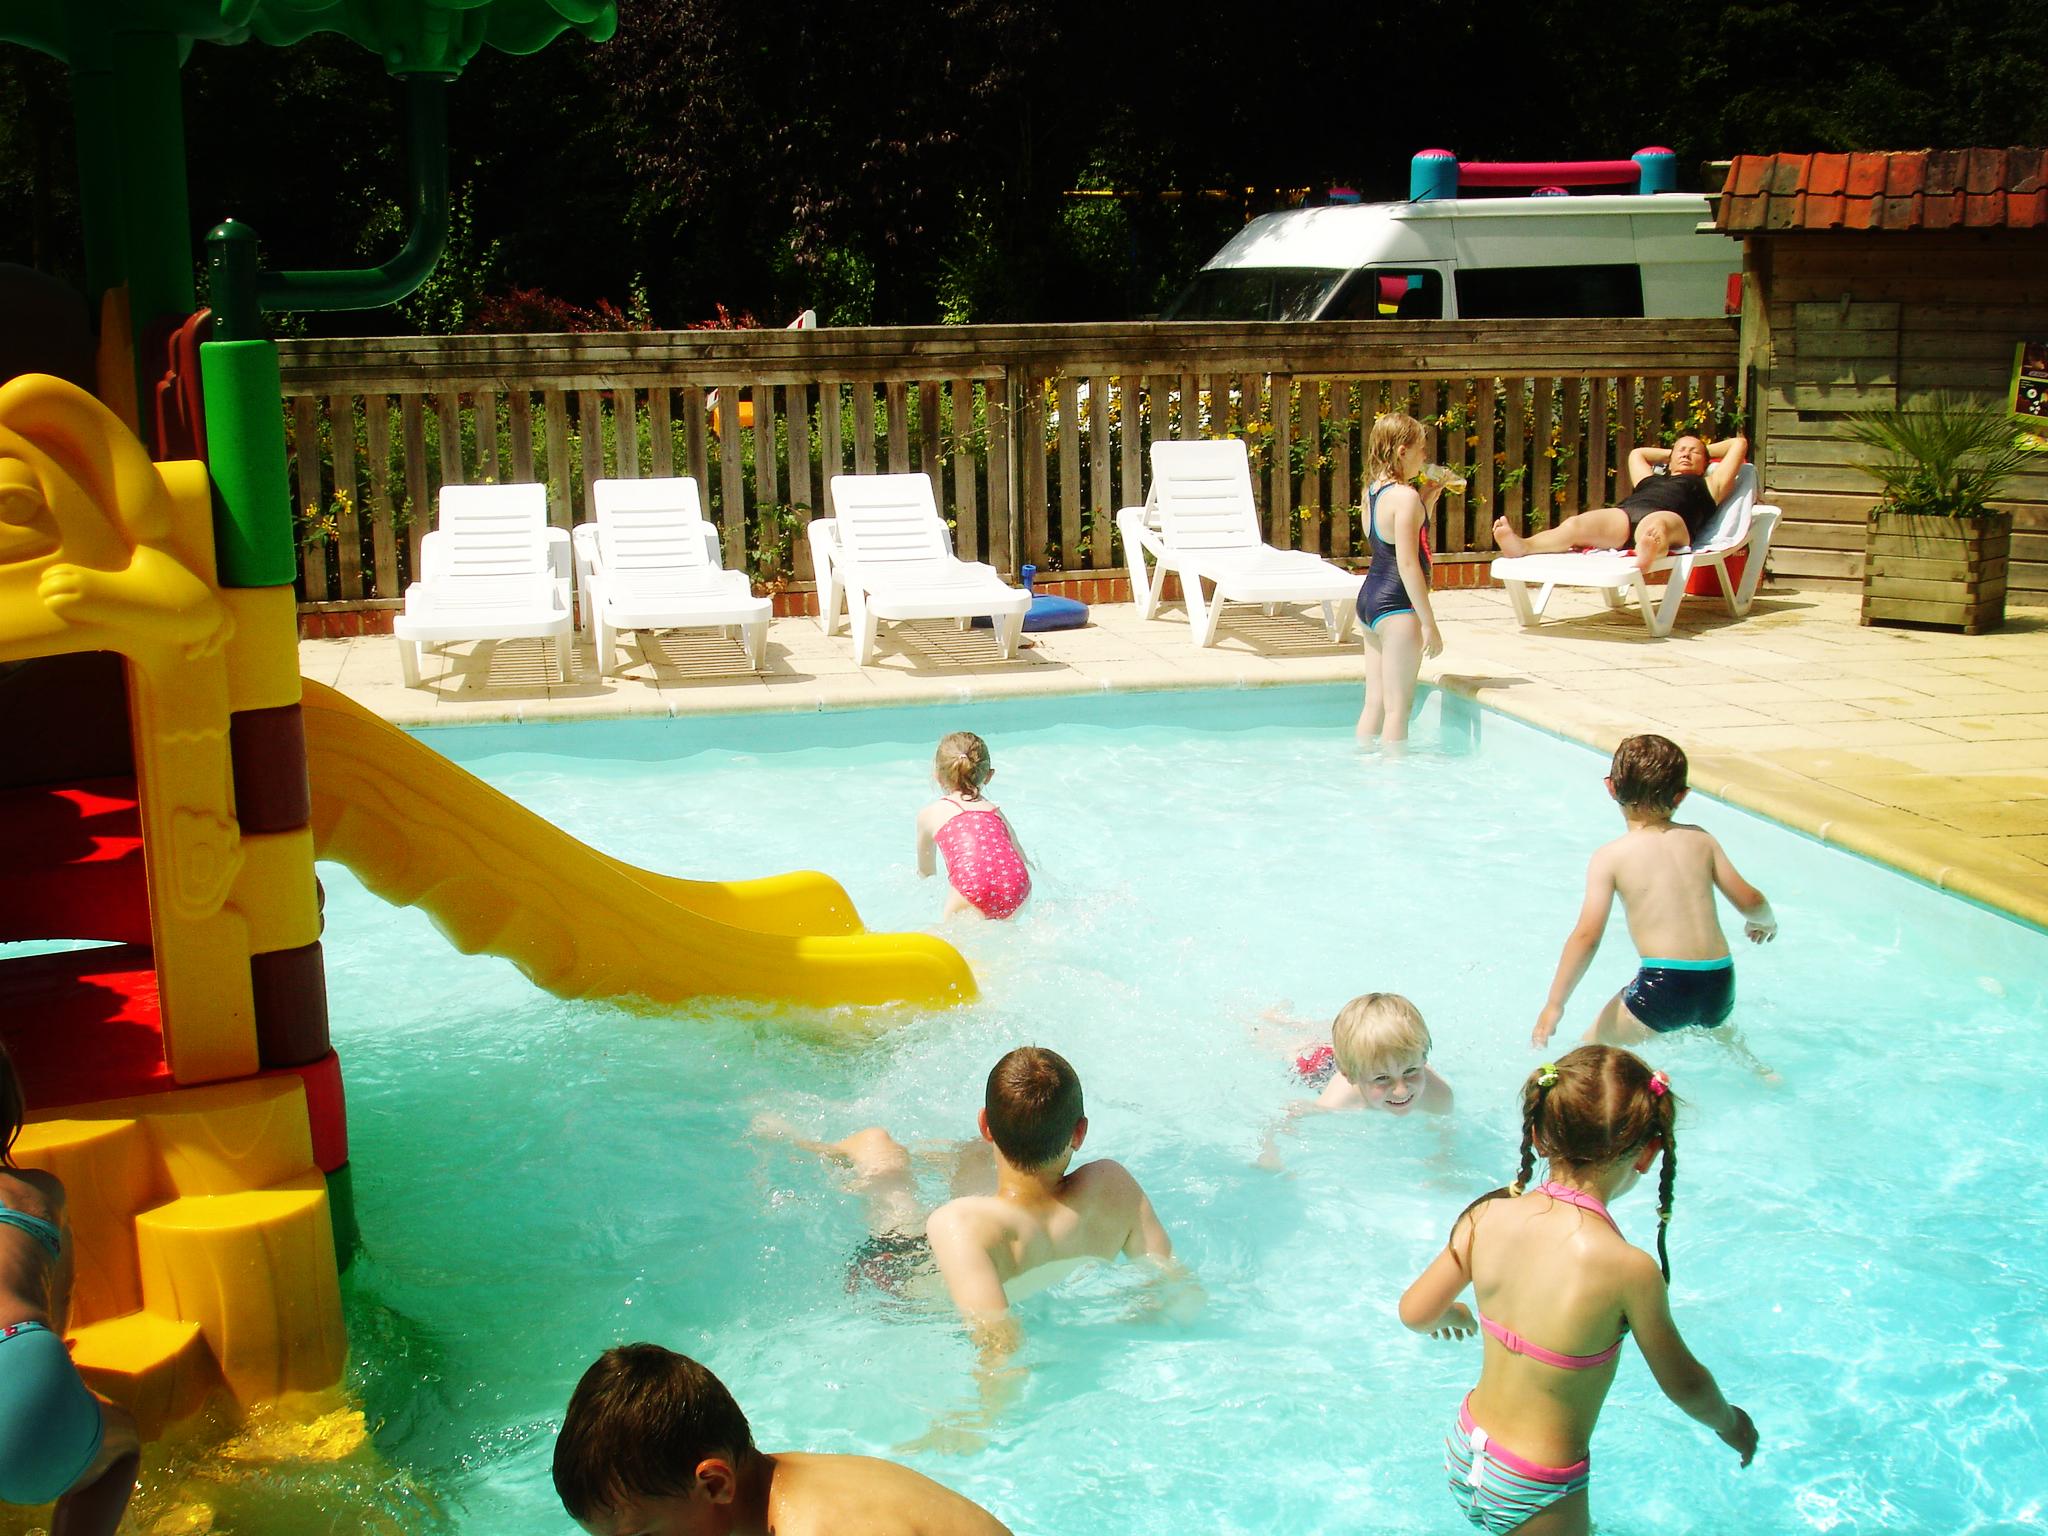 Réserver un séjour insolite avec parc aquatique pour les enfants